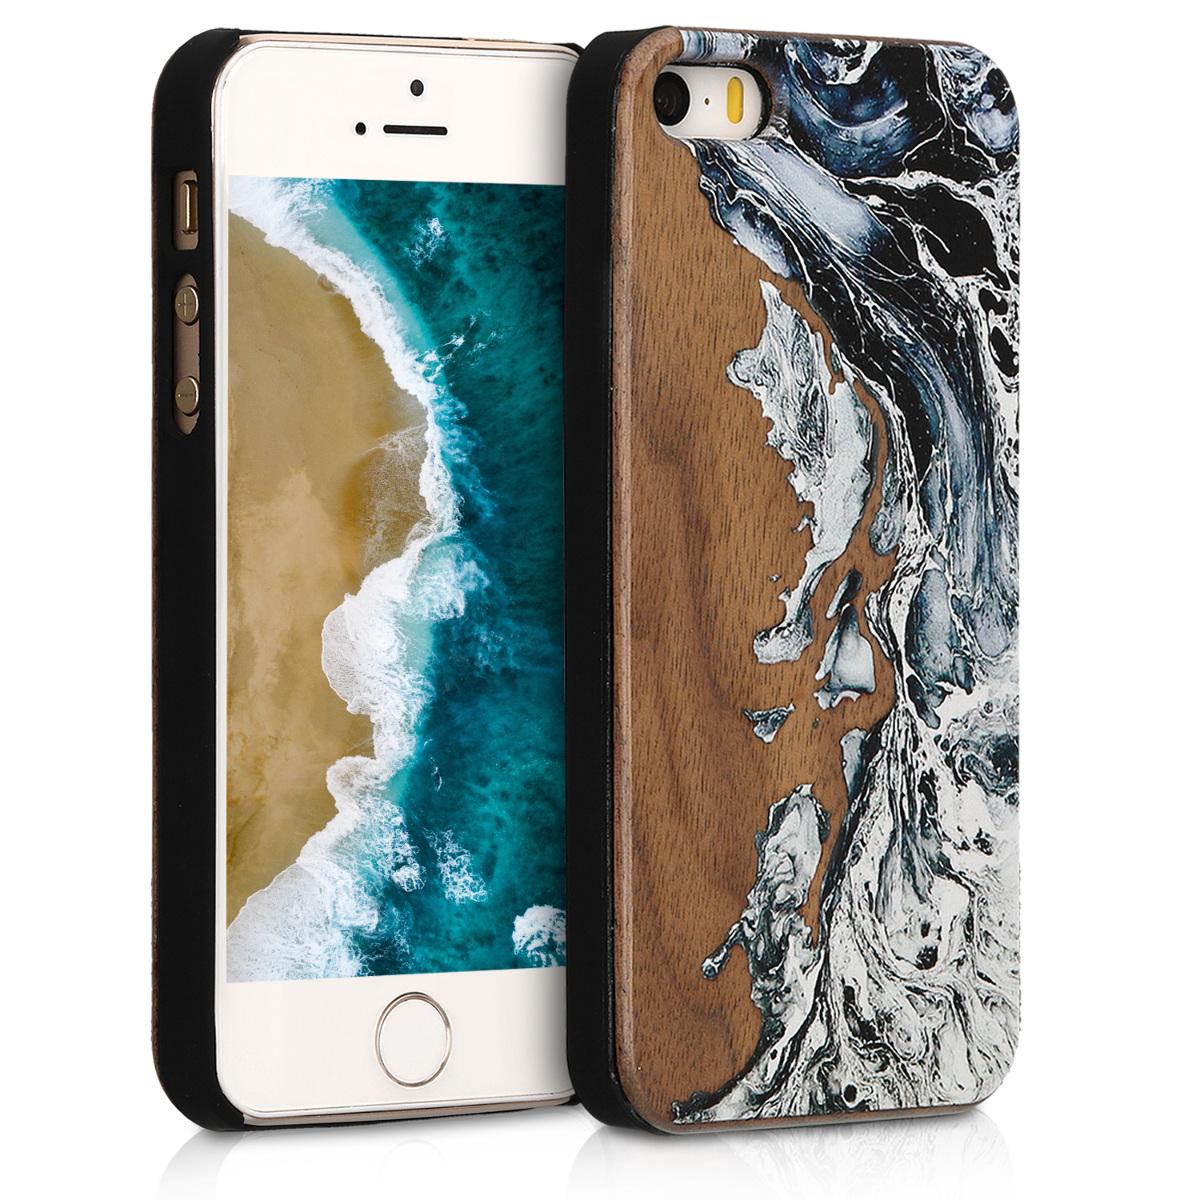 KW Σκληρή Ξύλινη Θήκη iPhone SE / 5 / 5S (46473.03)